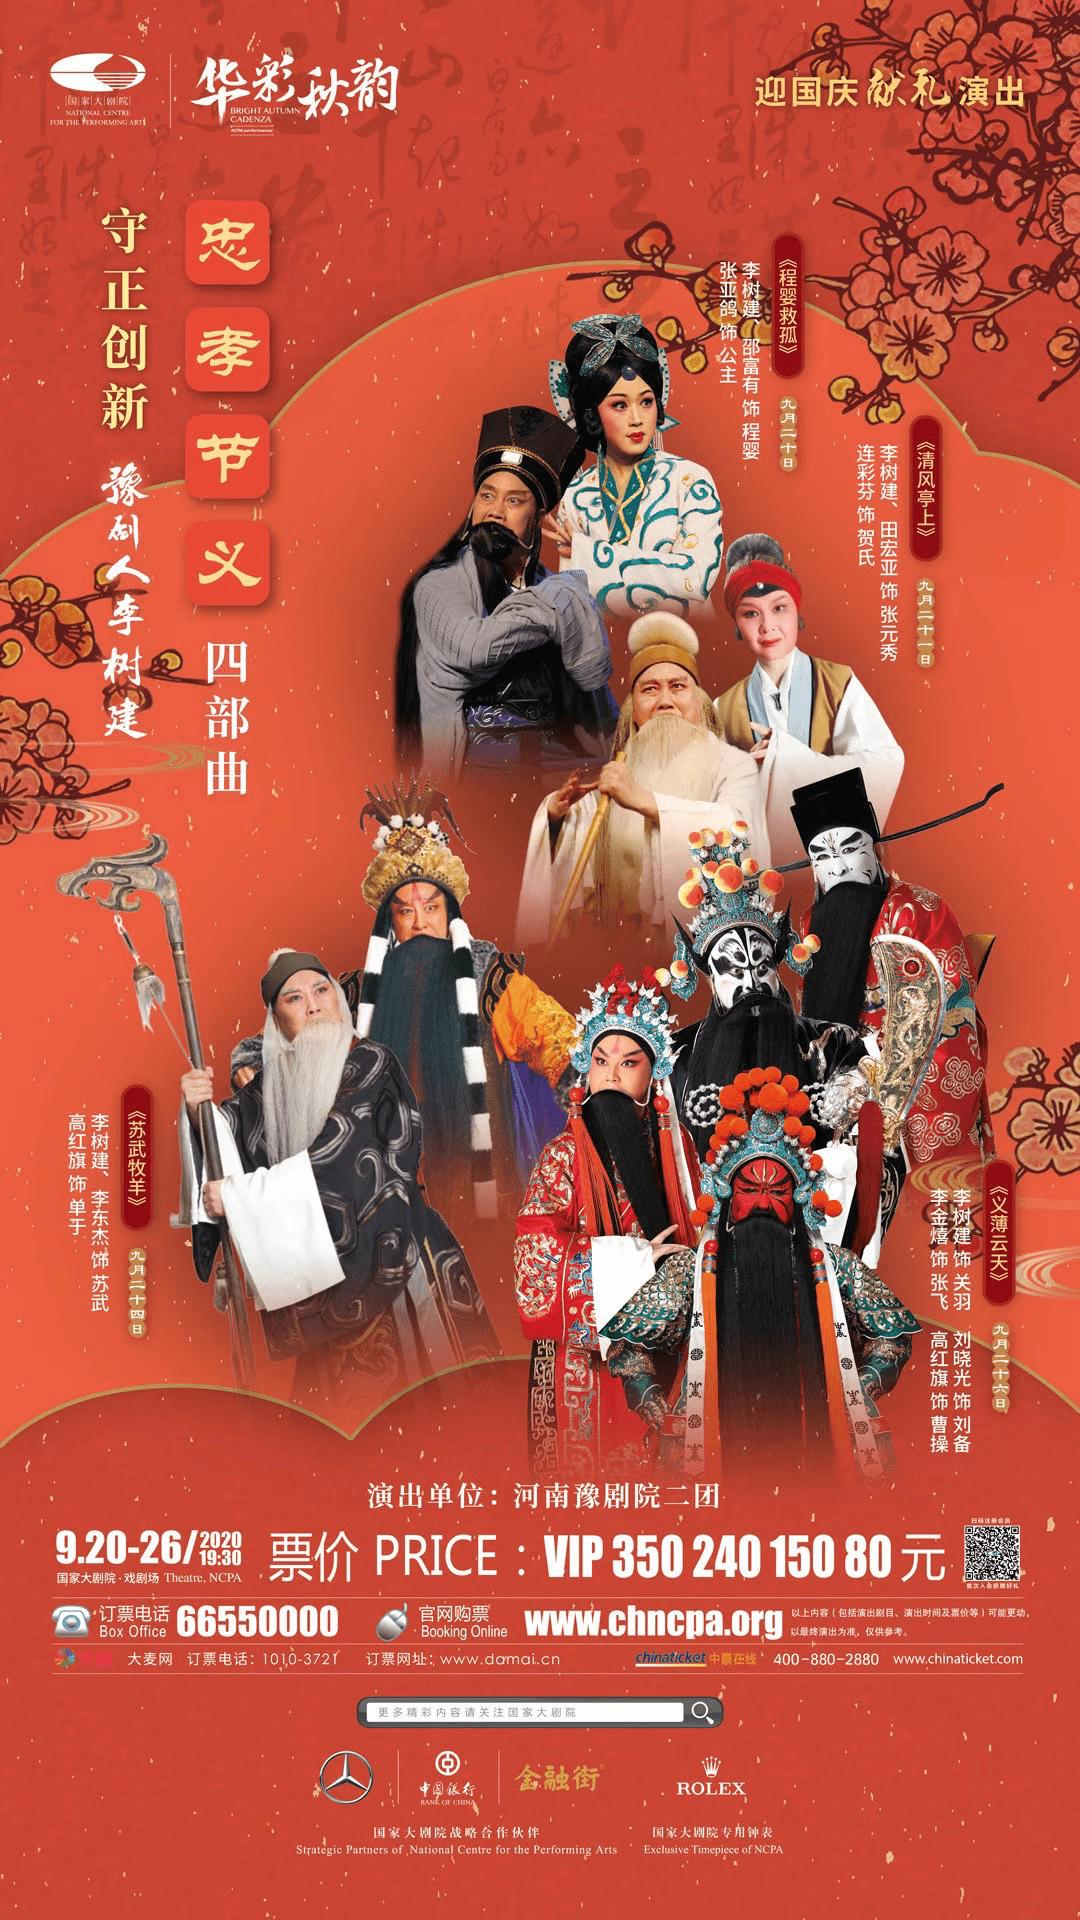 快手大V、豫剧人李树建9月20日将登上国家大剧院舞台